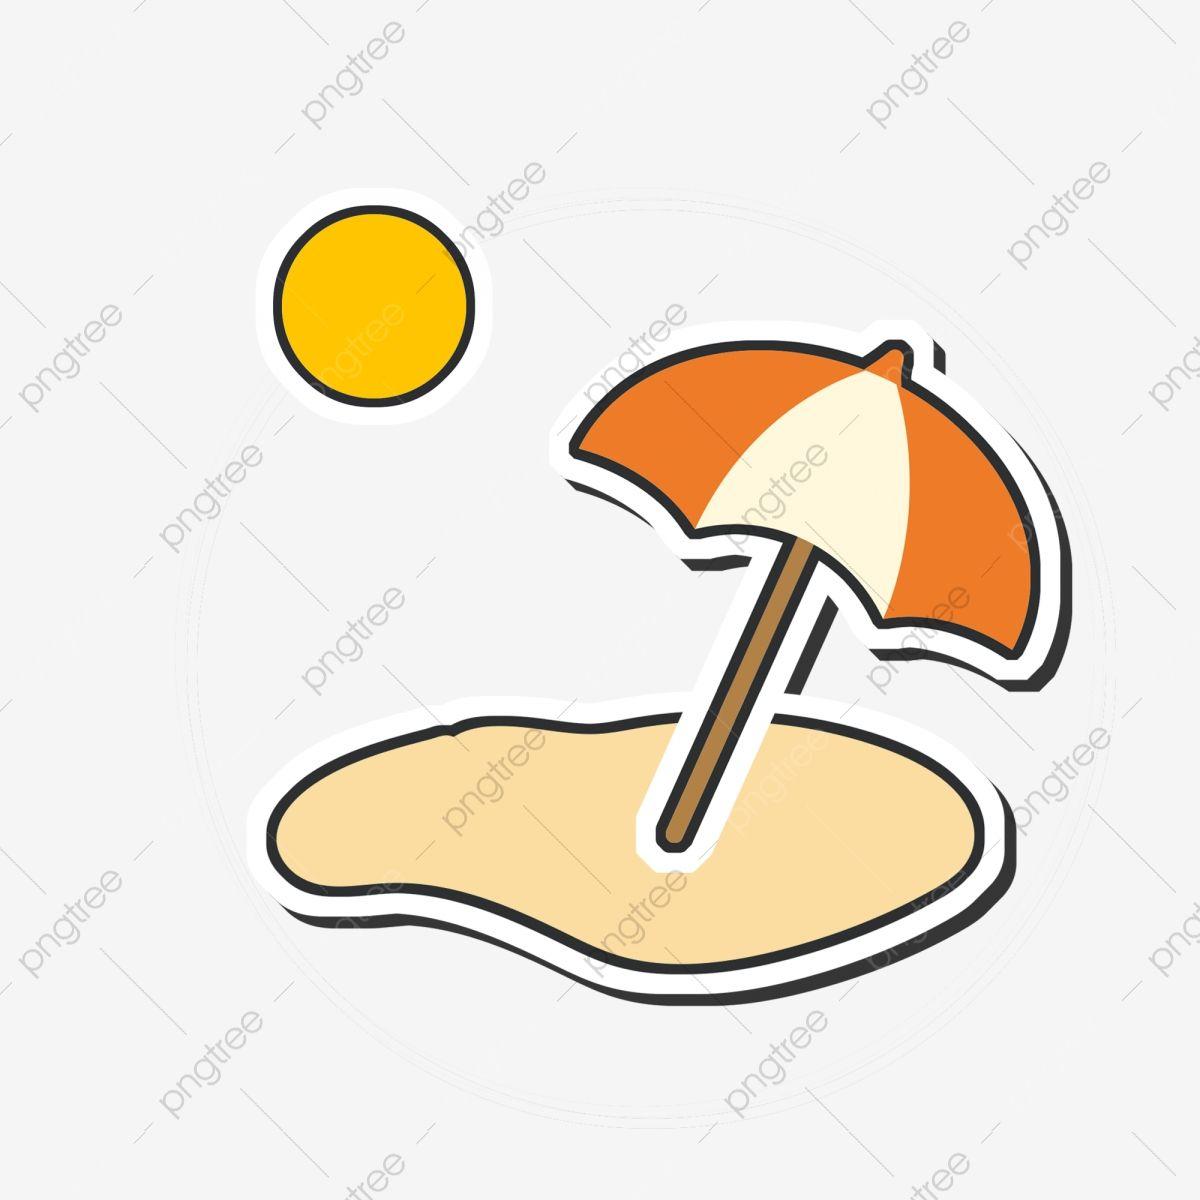 Etiqueta Engomada Del Paraguas De Sol De Playa De Dibujos Animados De Verano Verano Dibujos Animados Playa Png Y Psd Para Descargar Gratis Pngtree Paraguas Dibujos Animados Engomados